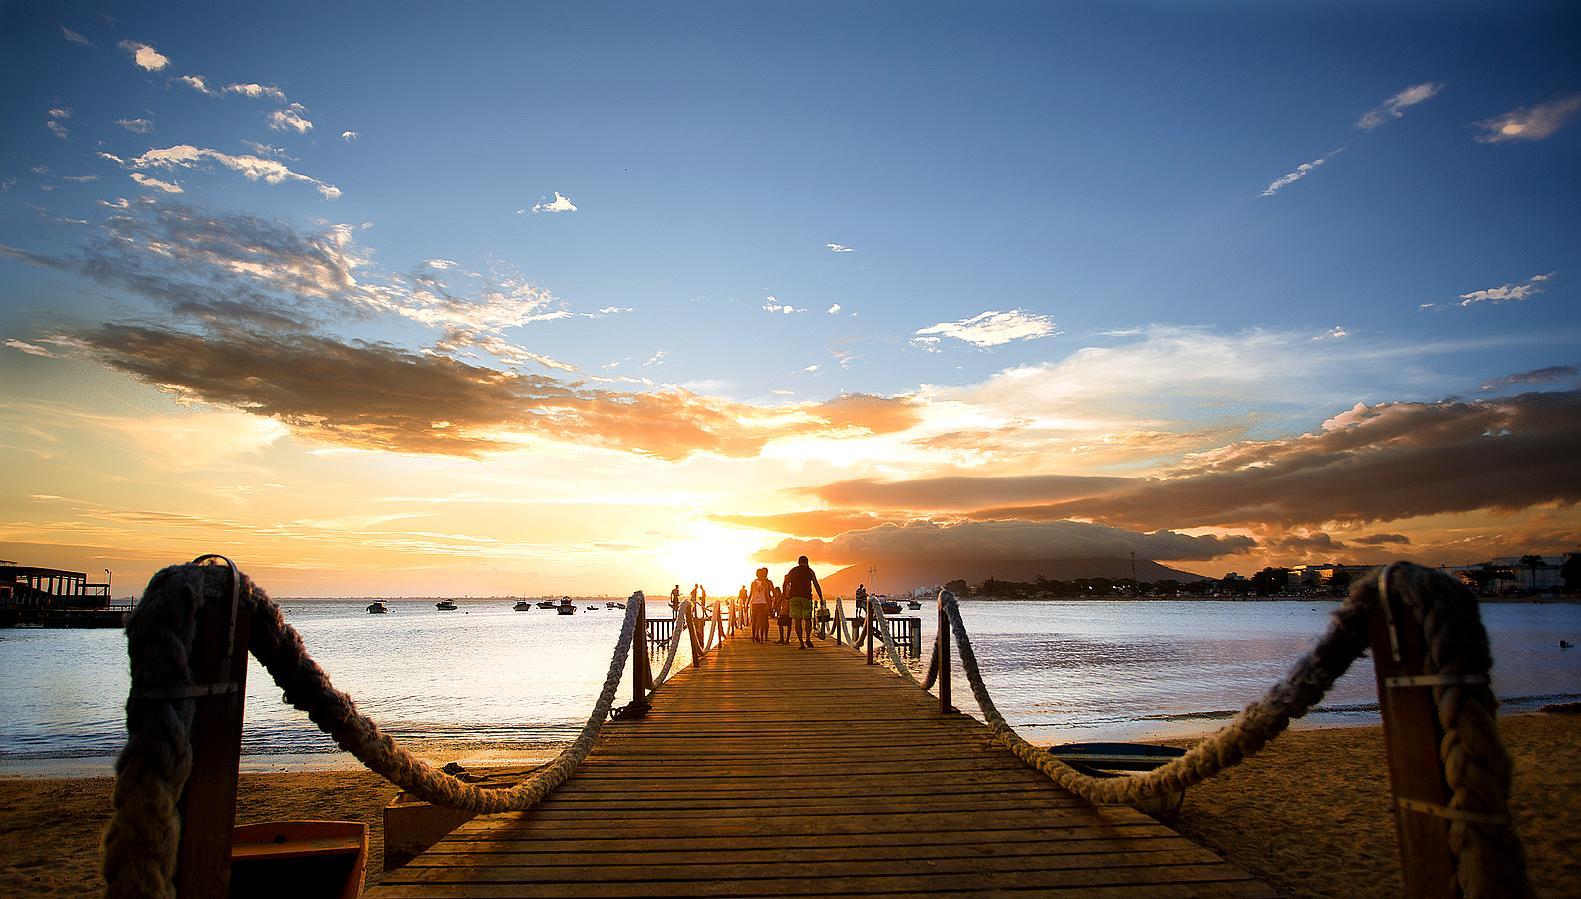 Foto do Pier da Orla da Praia do Centro, durante um pôr do sol